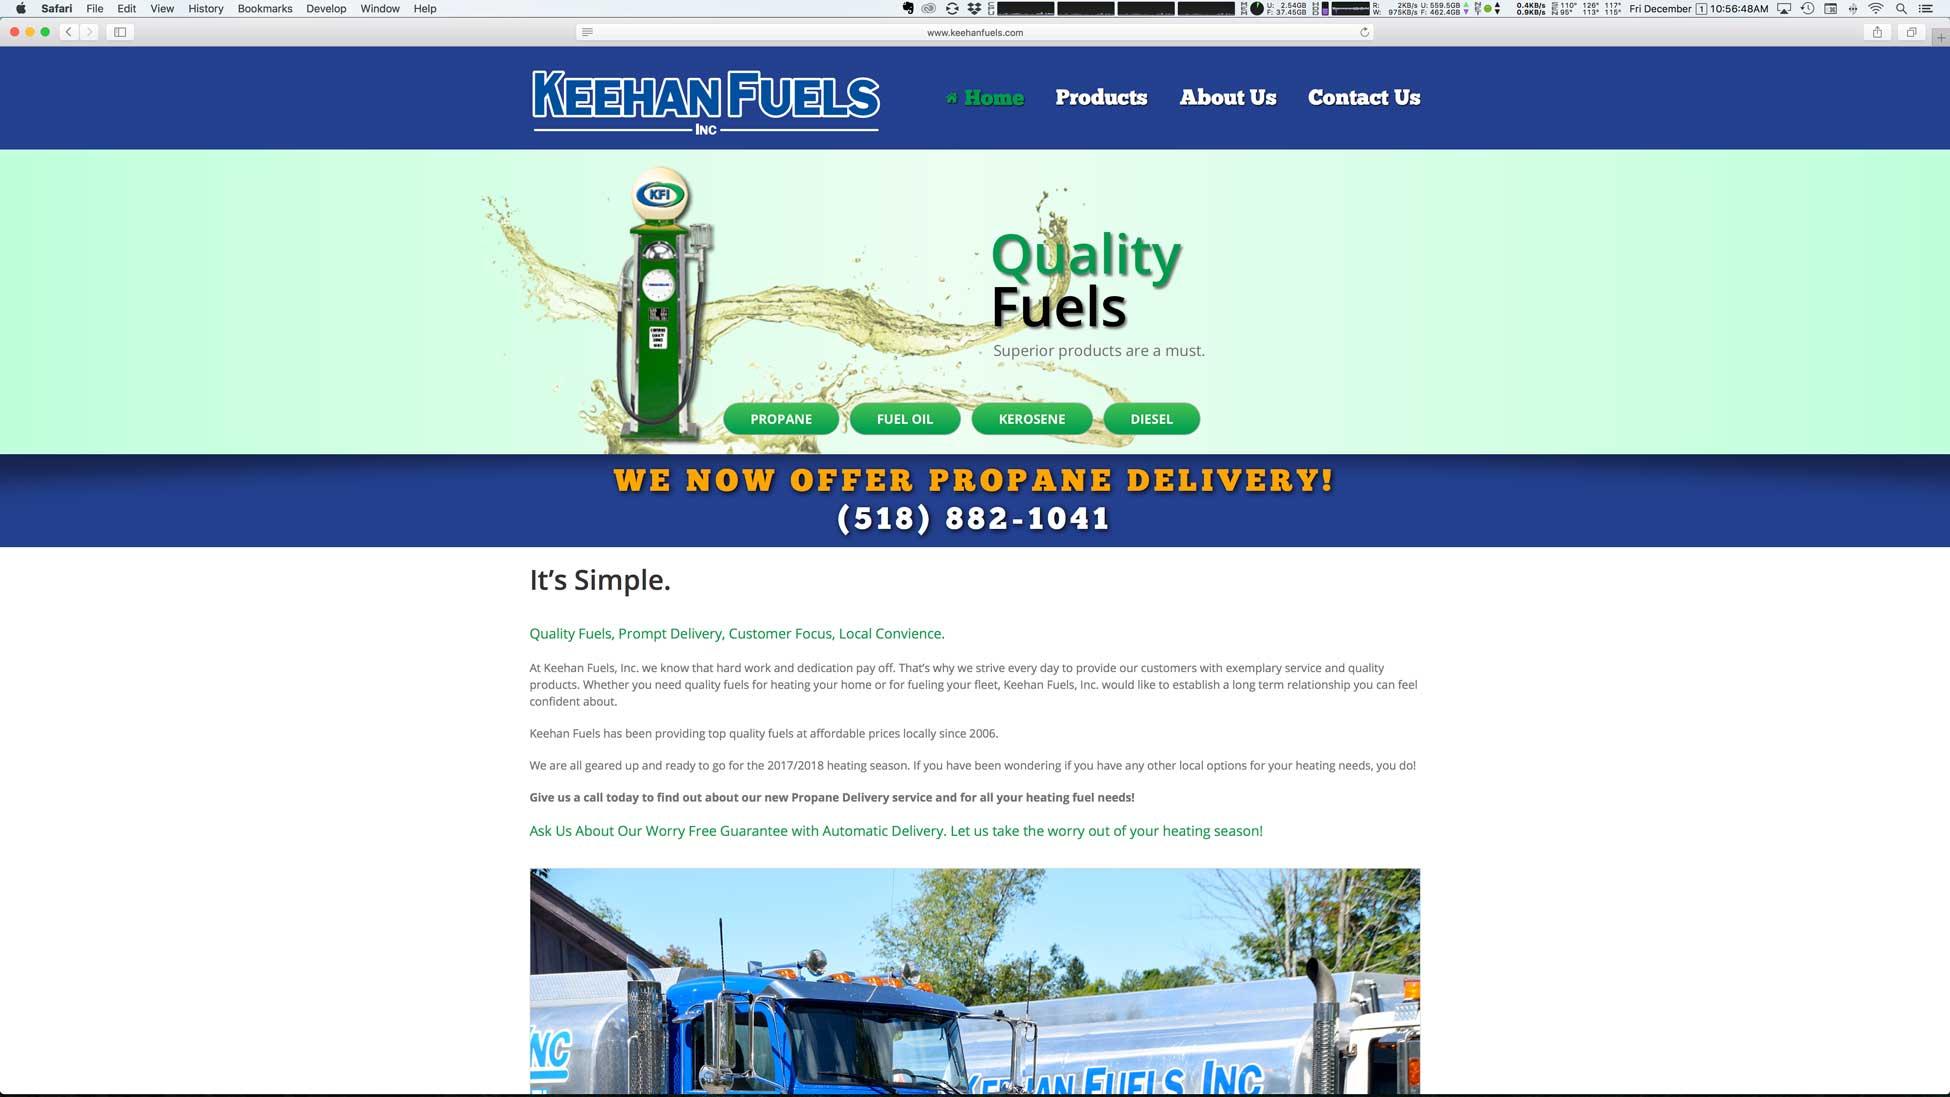 Image showing Keehan Fuels, Inc. website homepage.